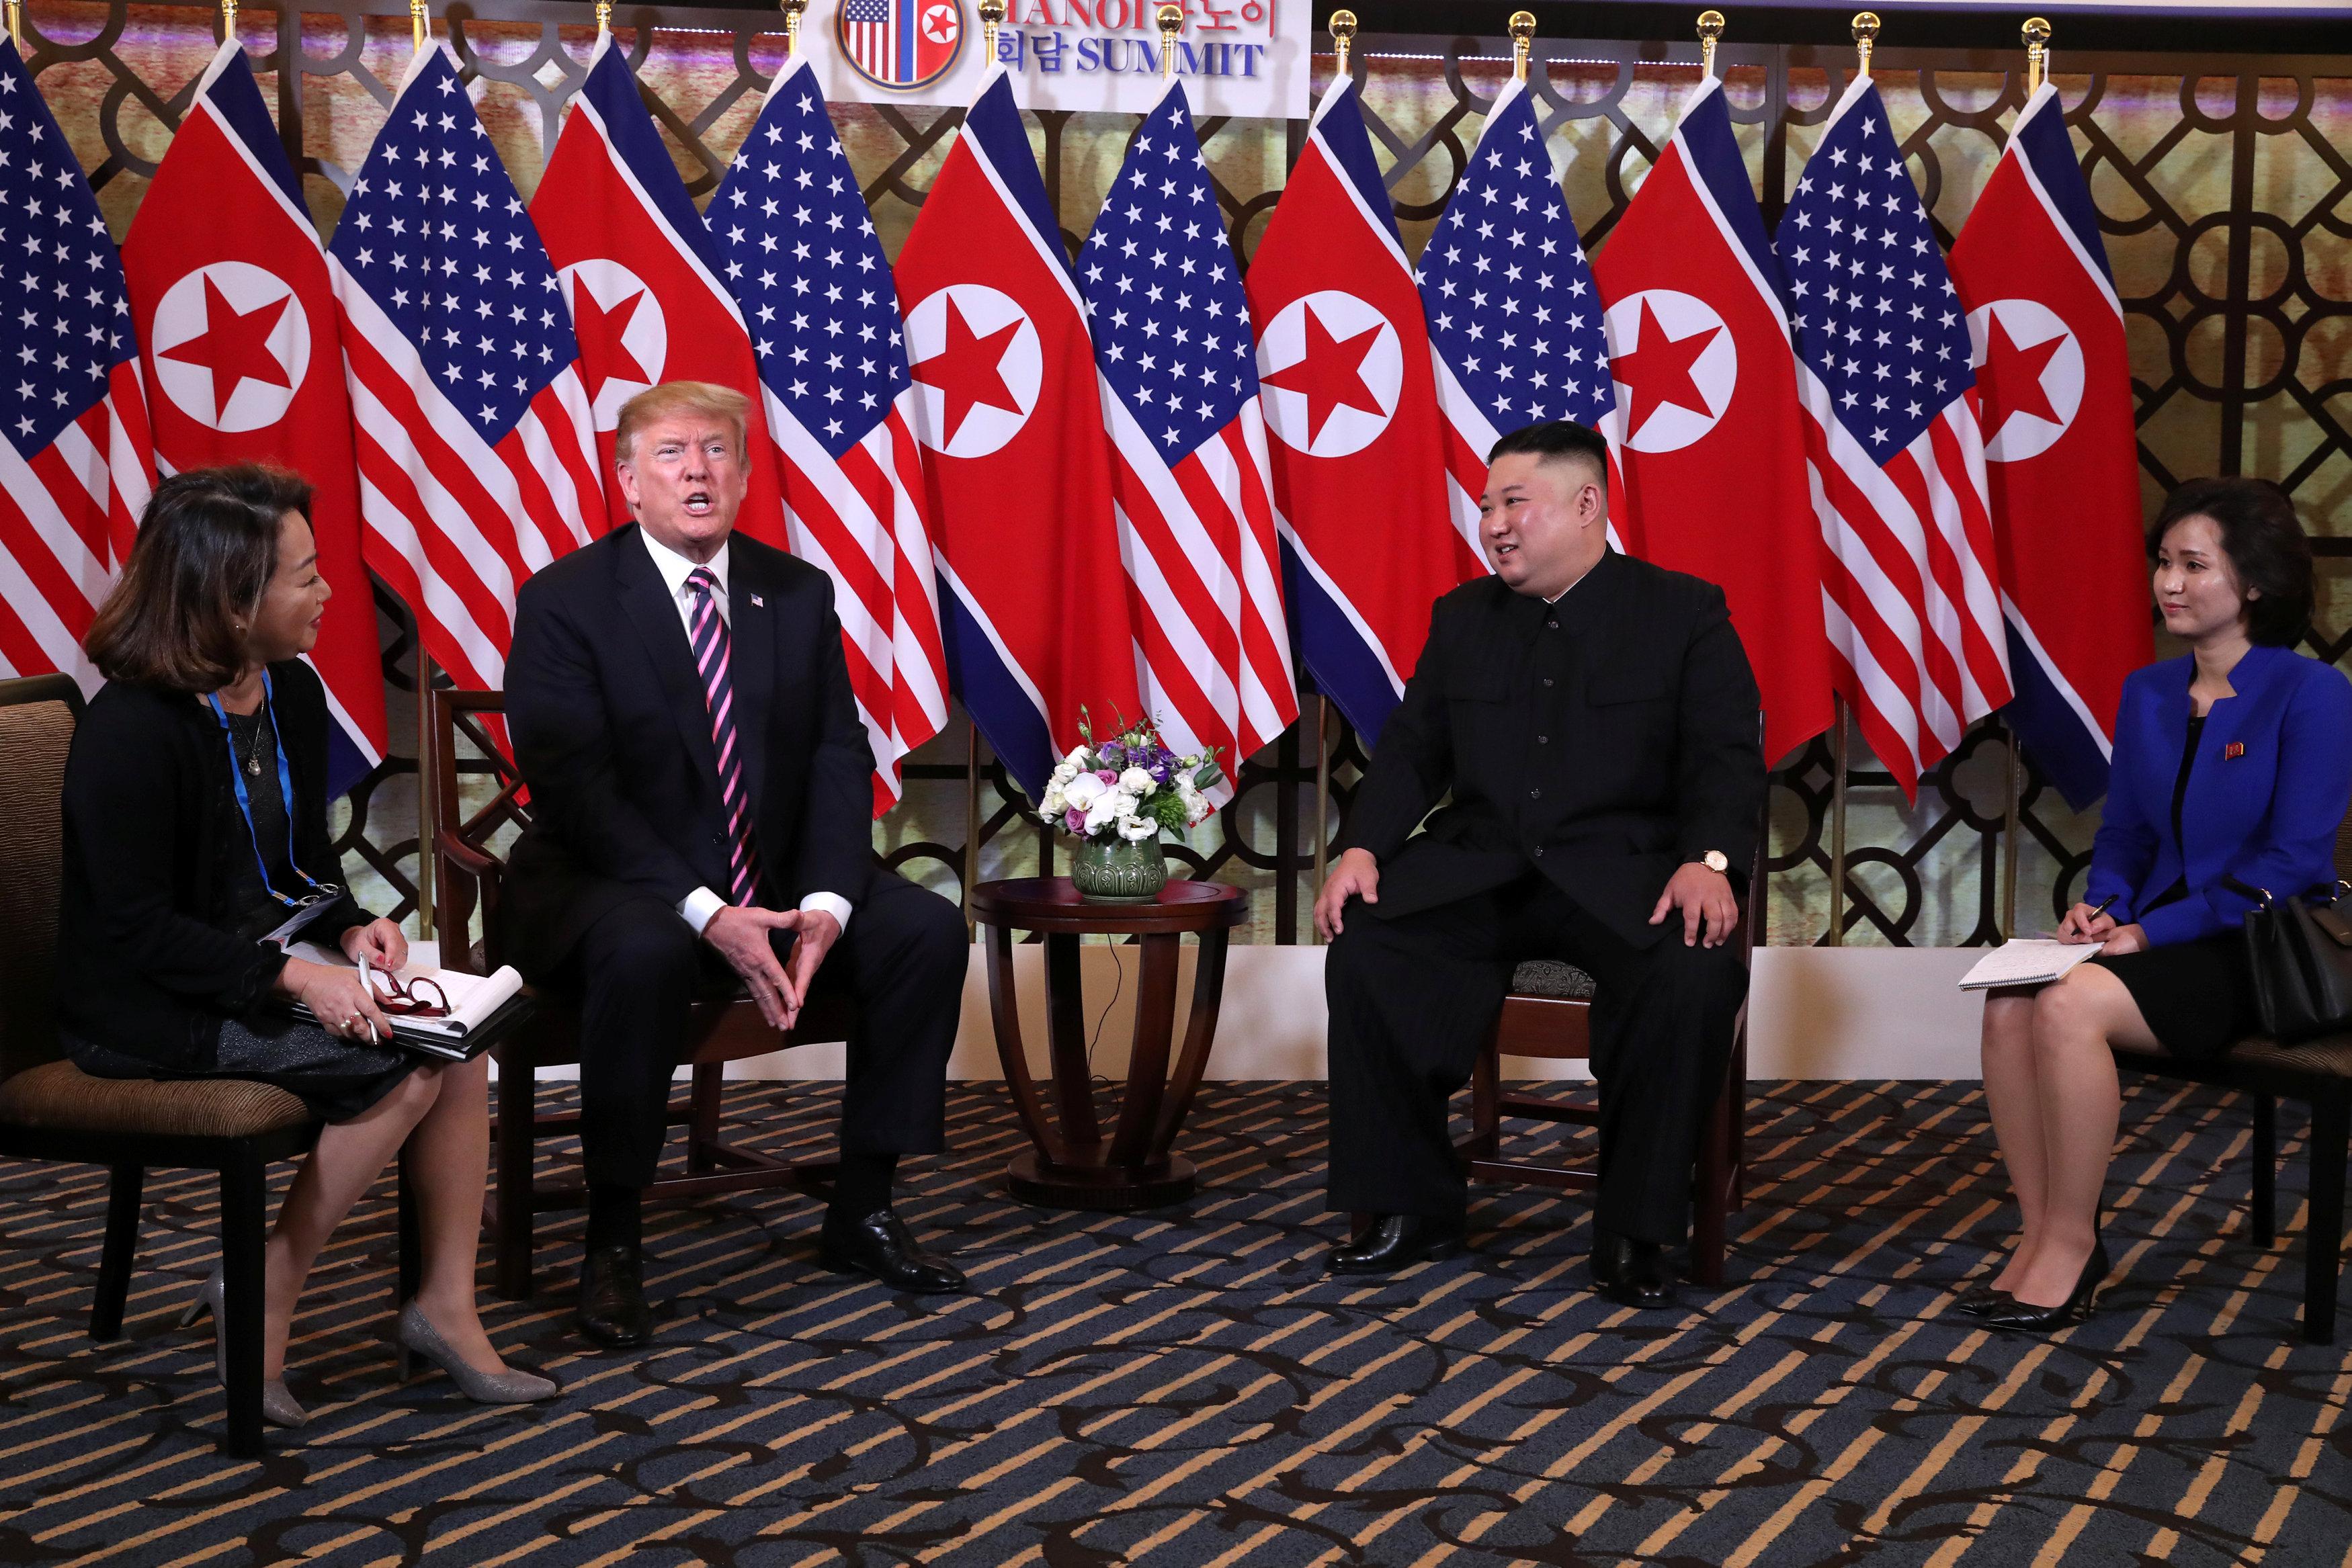 الرئيس ترامب يتحدث أثناء القمة مع زعيم كوريا الشمالية